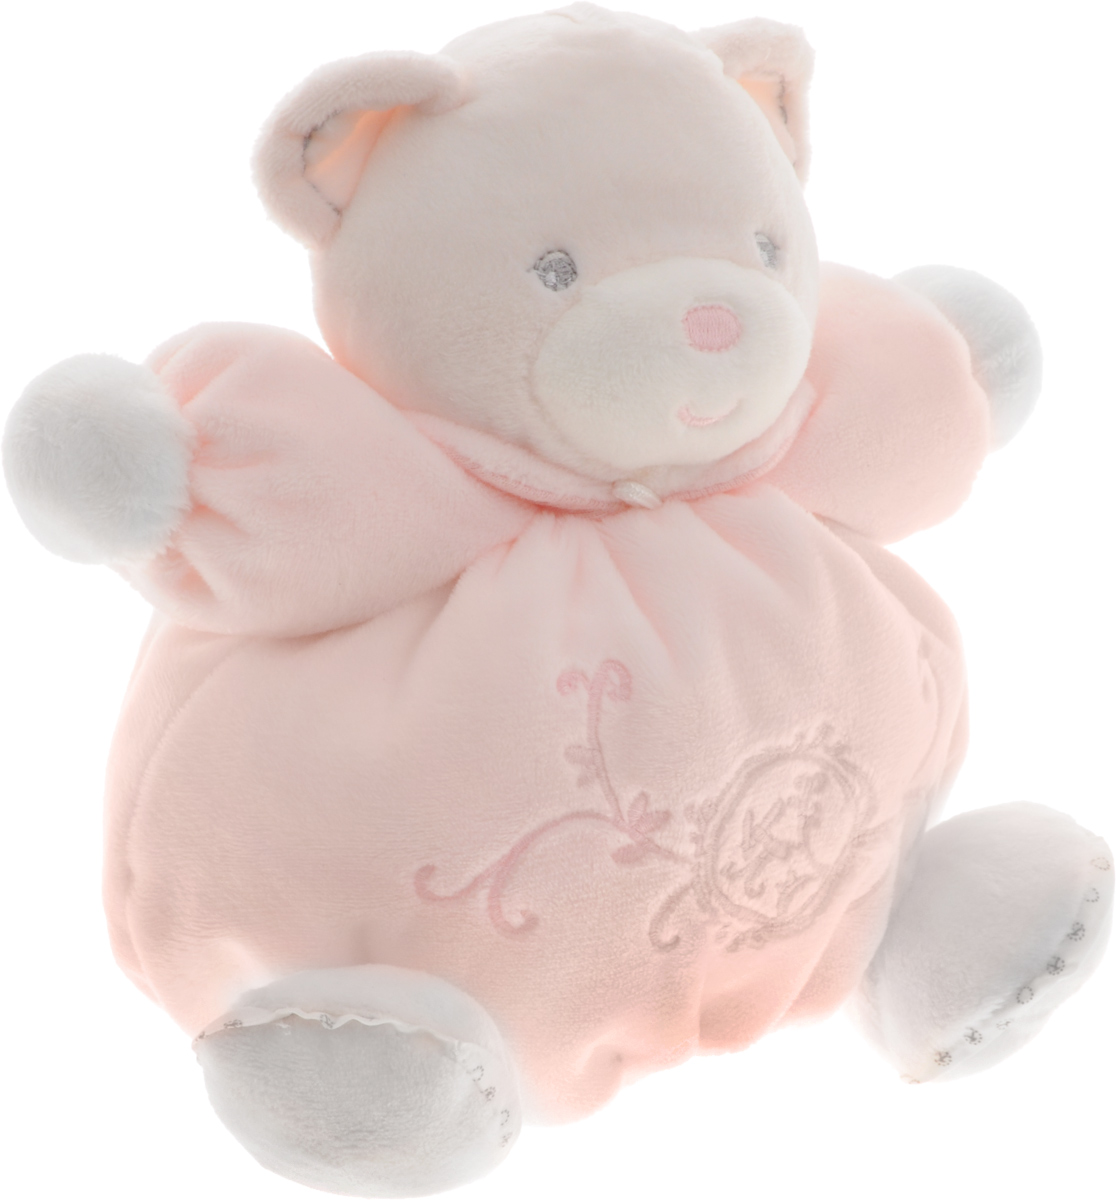 Kaloo Мягкая игрушка Мишка 17 см игрушки для детей